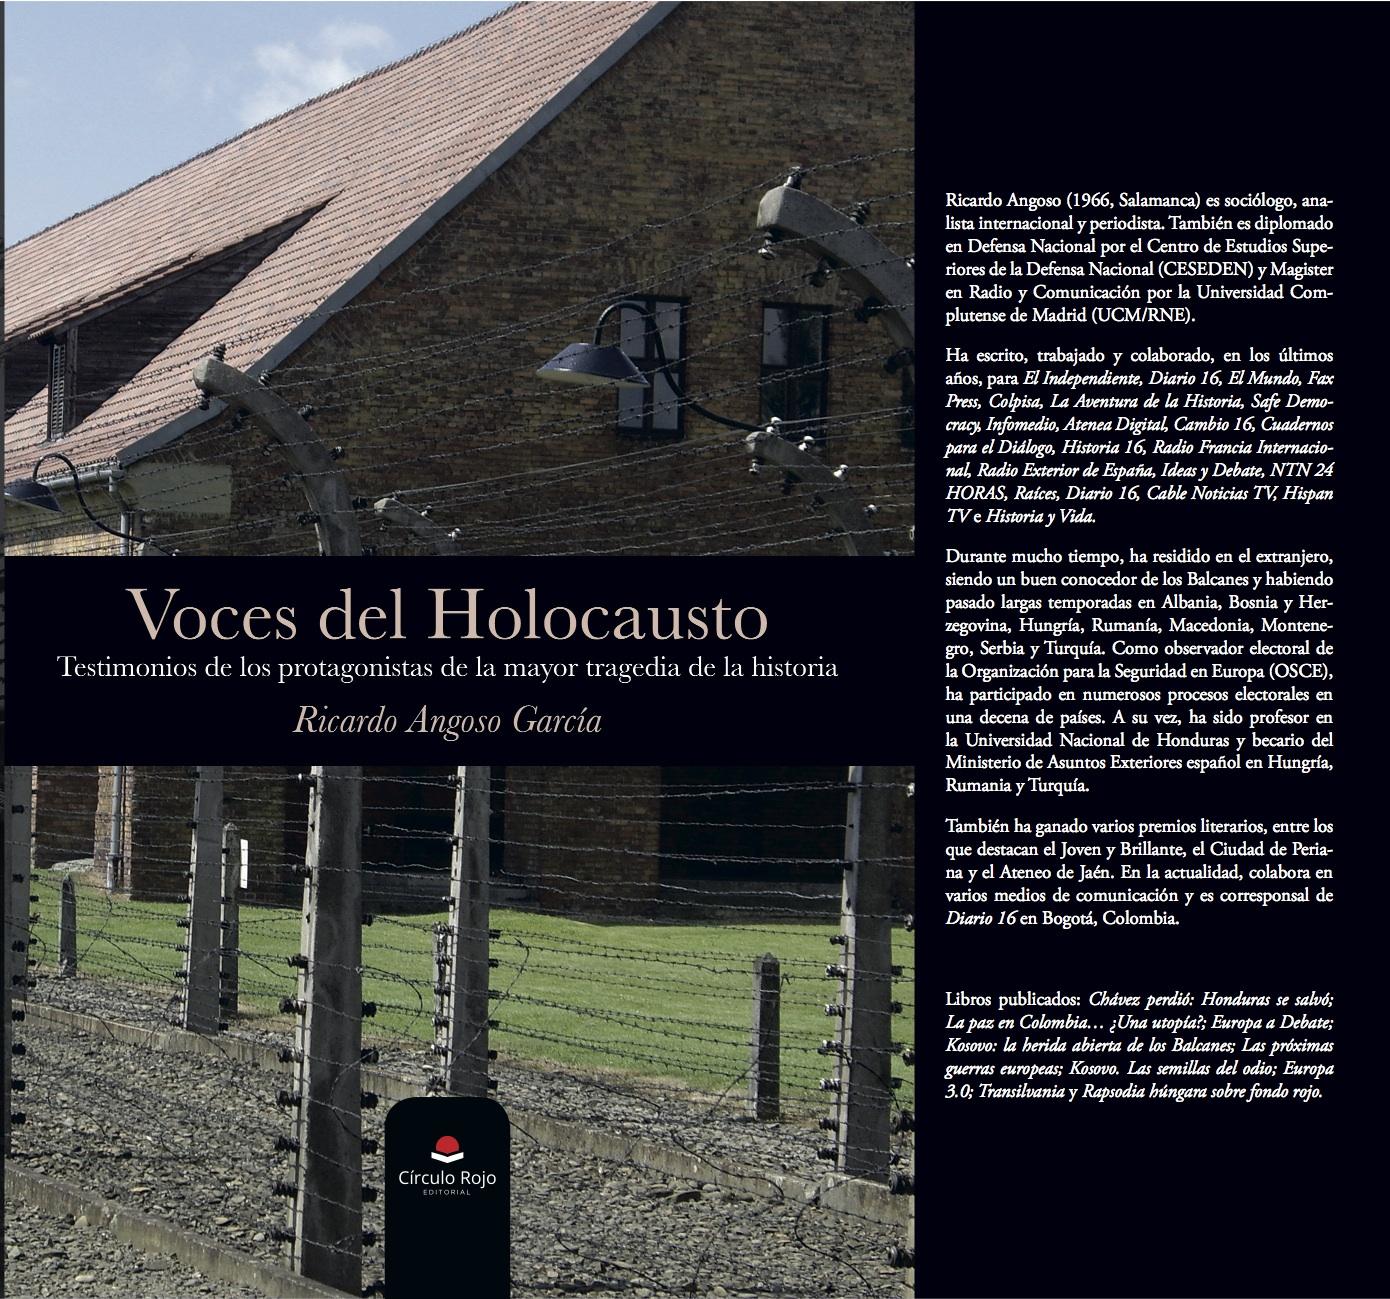 Voces del Holocausto, un libro que reivindica la memoria y el recuerdo de las víctimas de la Shoah